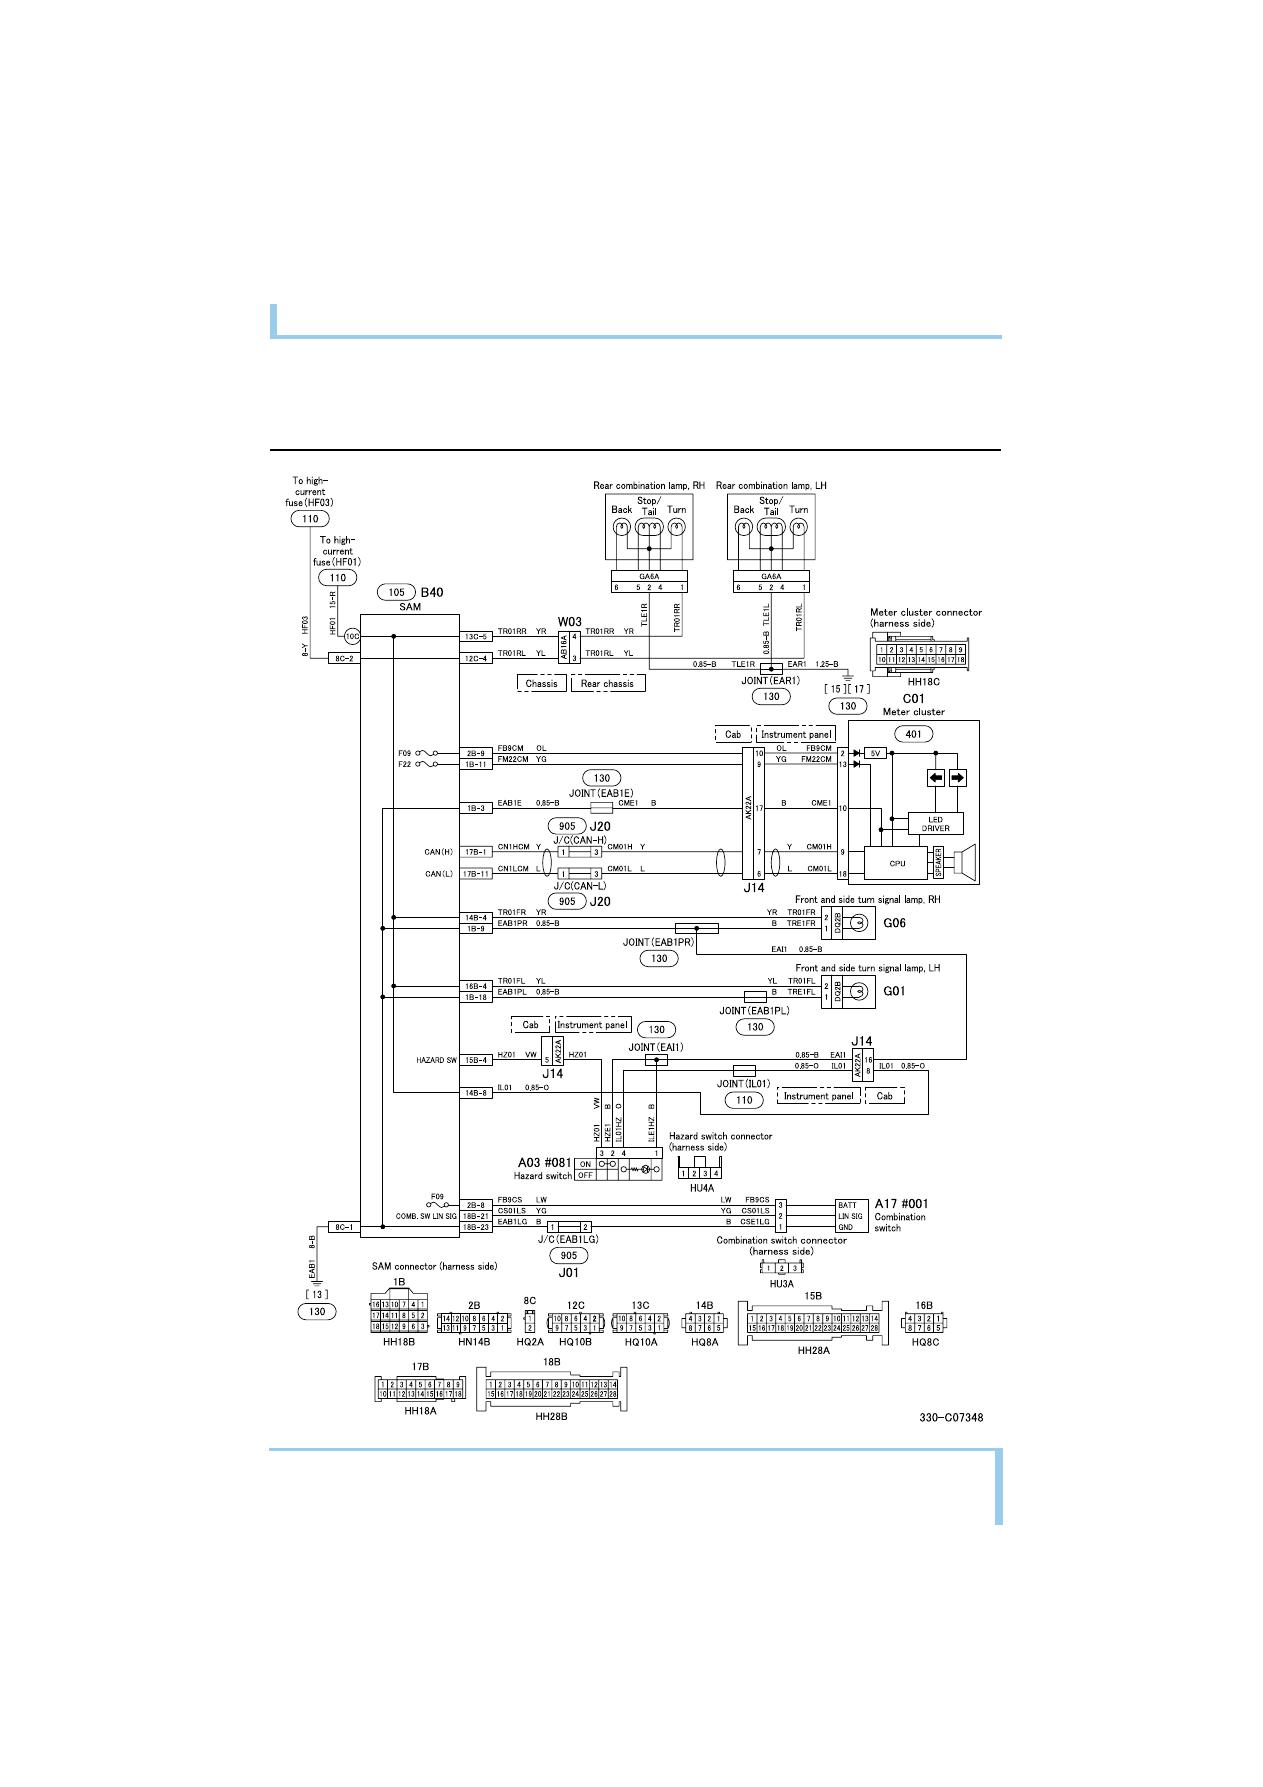 2012 mitsubishi fuso wiring diagram